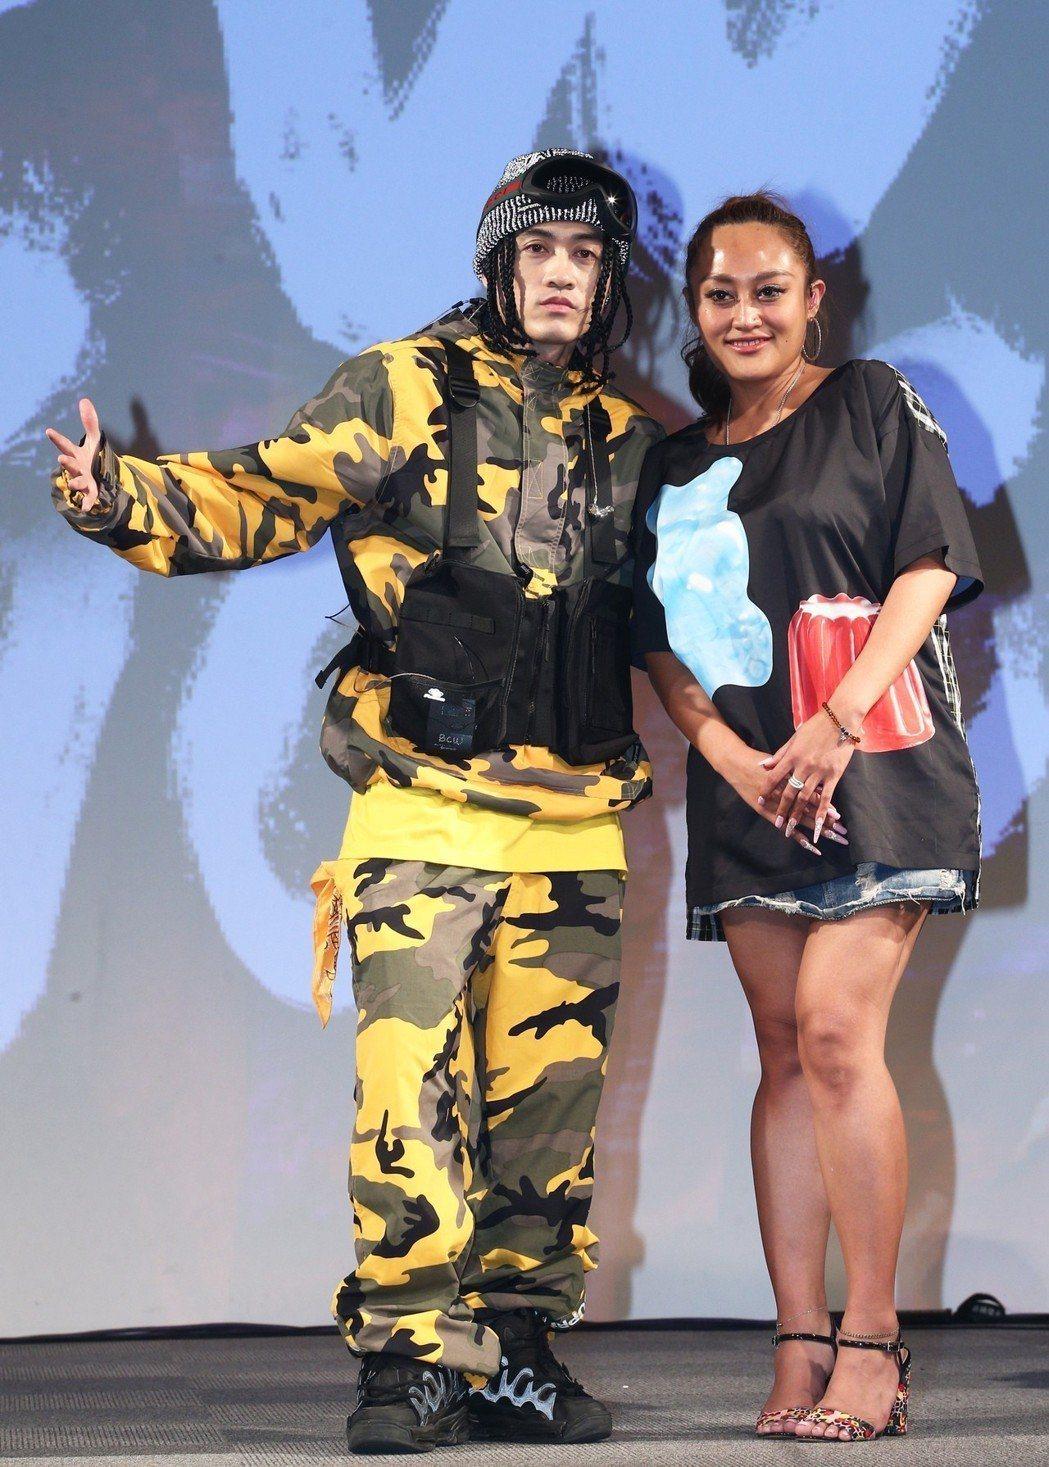 嘻哈金童BCW(左)舉行《NO COMPLY》專輯與演唱會媒體見面記者會,與來賓